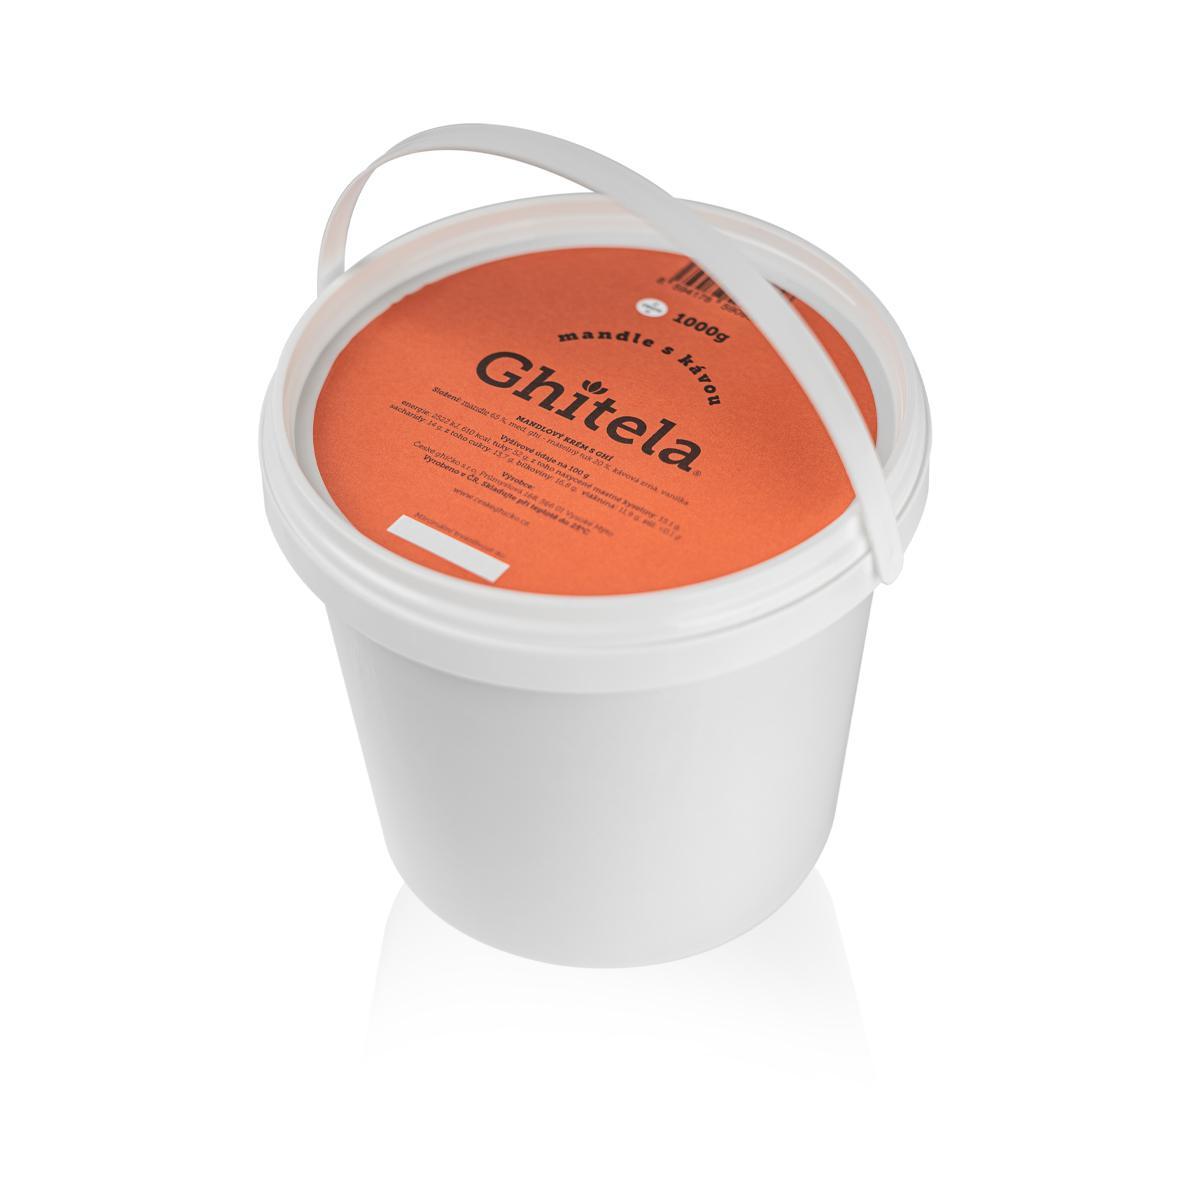 Ghitela® 1000g mandle & káva